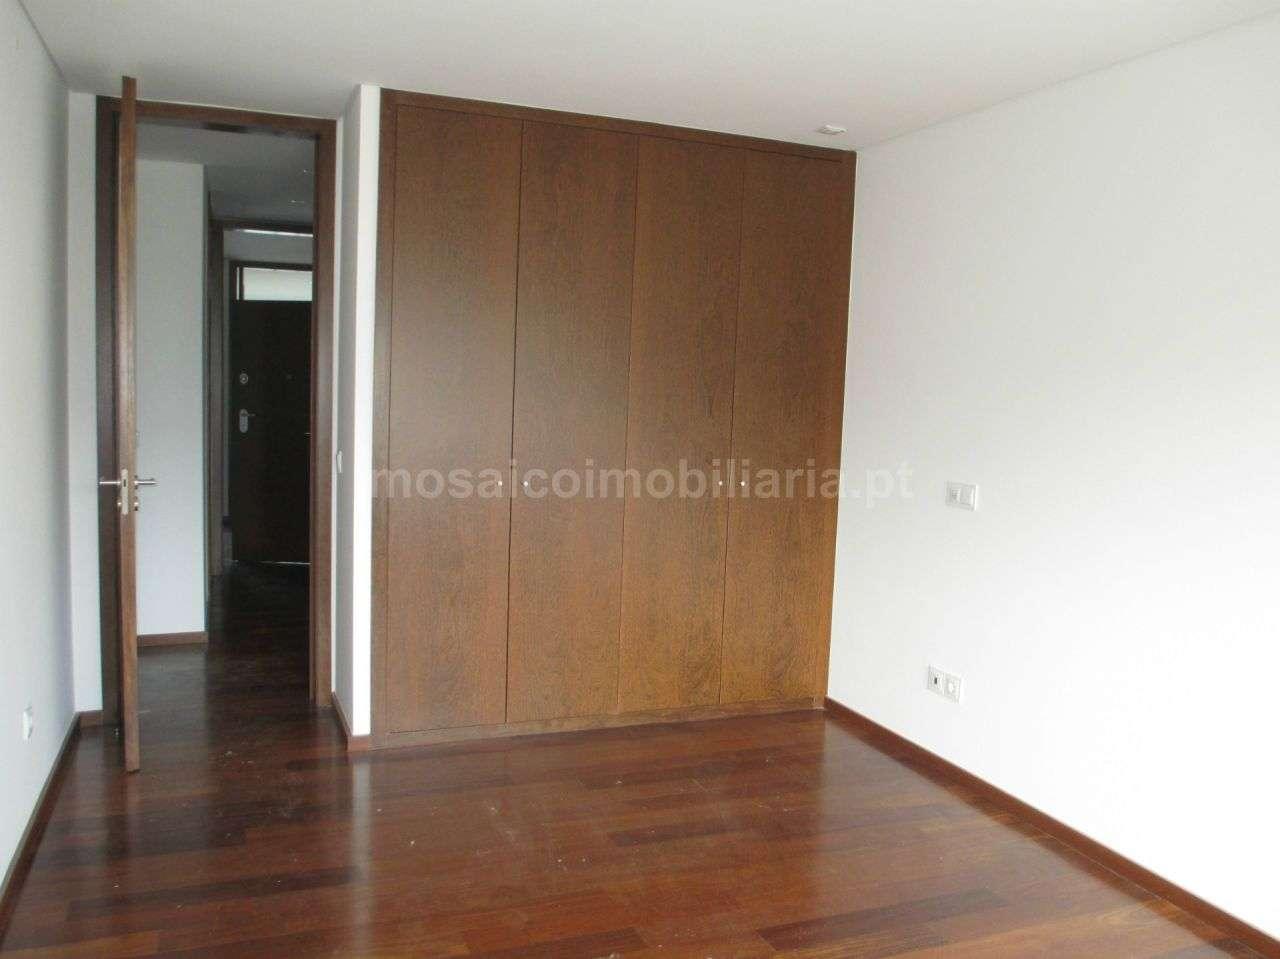 Apartamento para comprar, Canidelo, Porto - Foto 42